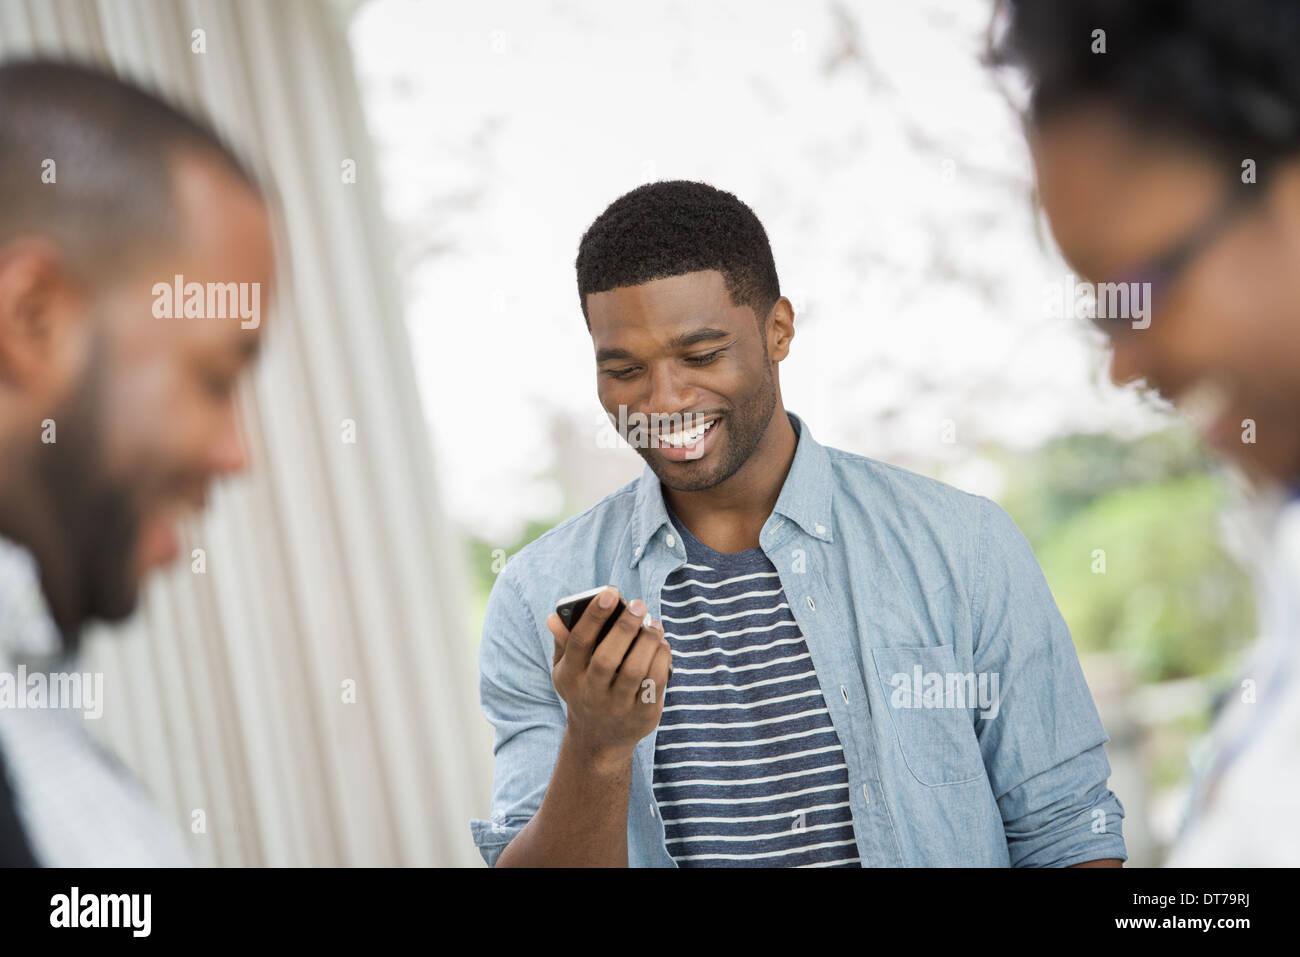 Un jeune homme contrôler son téléphone, derrière un couple au premier plan. Photo Stock